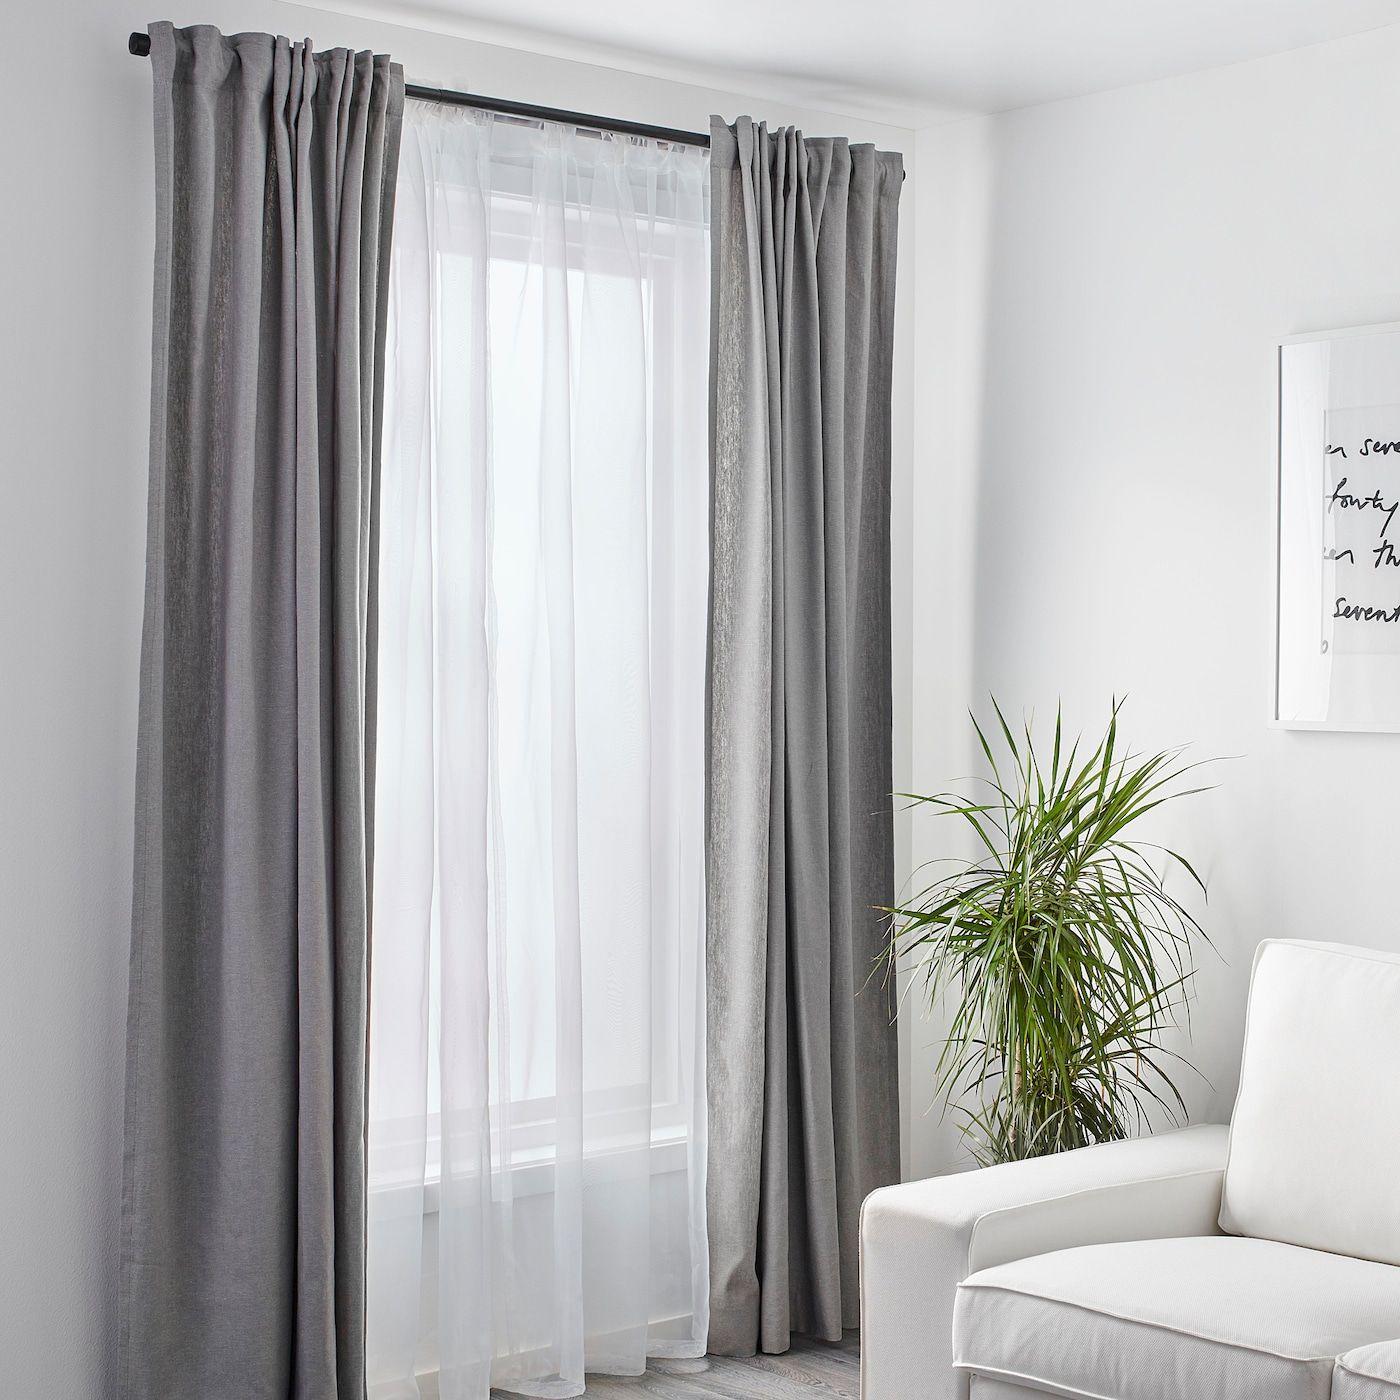 Schlafzimmer Vorhänge Ikea